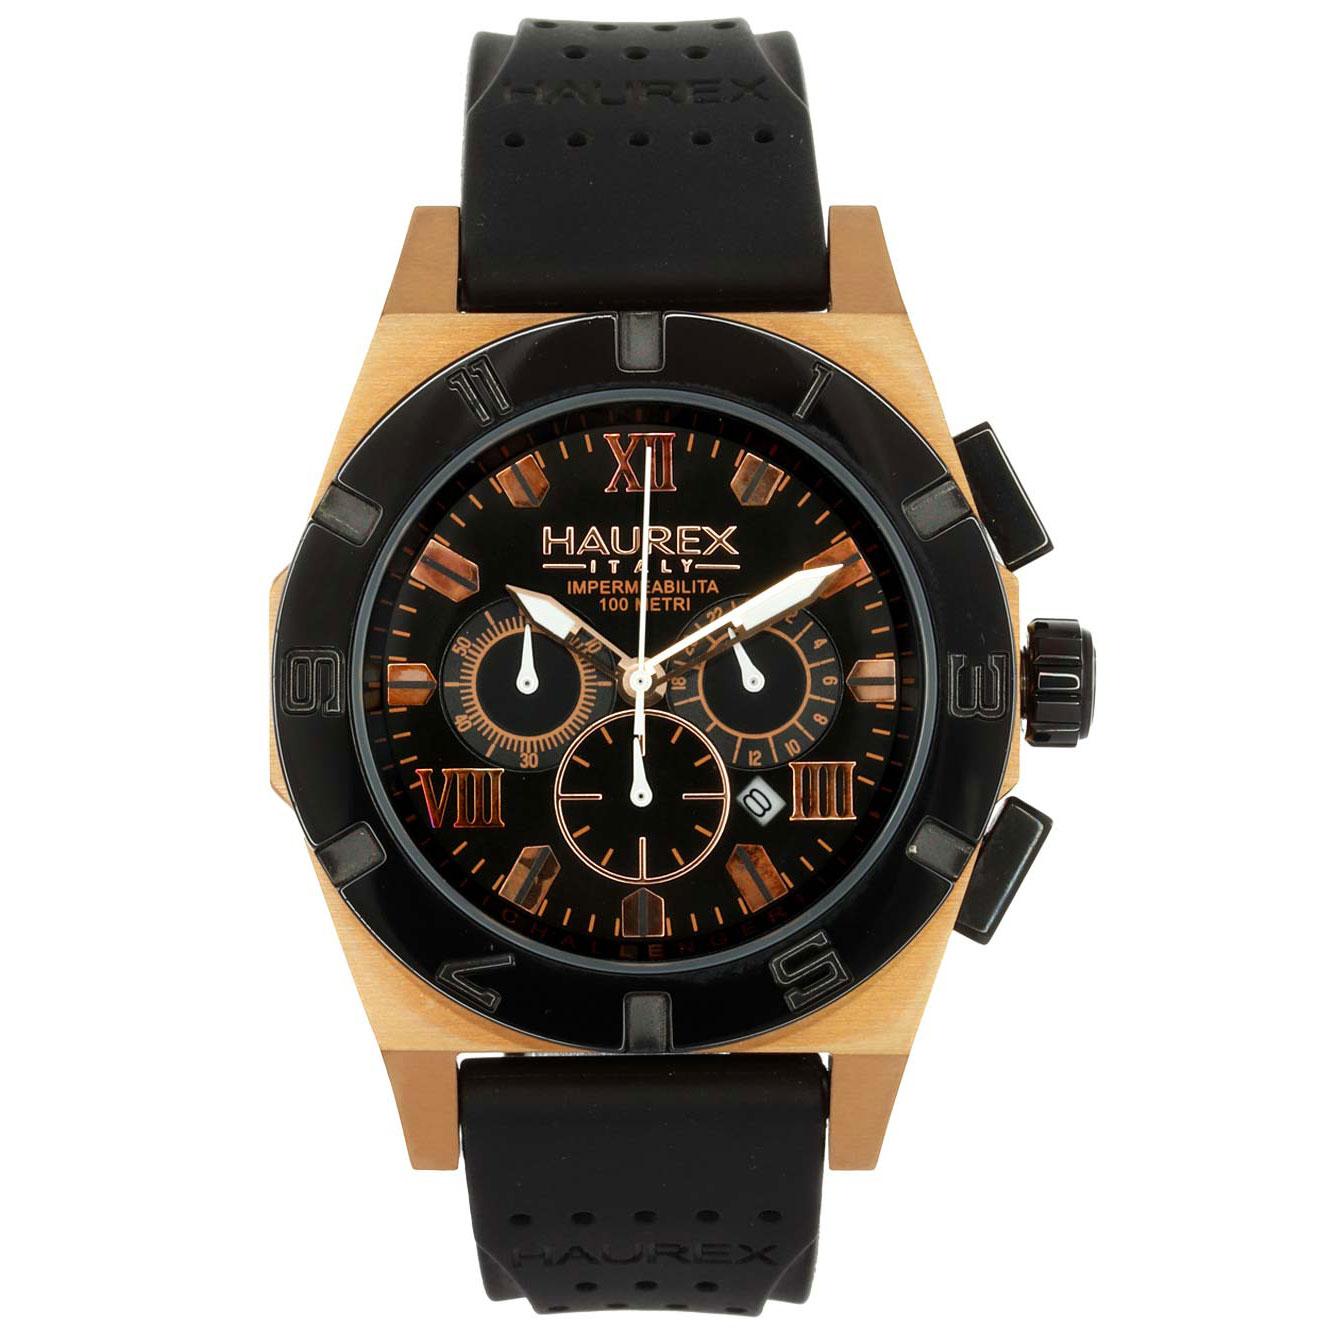 ساعت مچی عقربه ای مردانه هورکس مدل ZQHX-3R350UNH